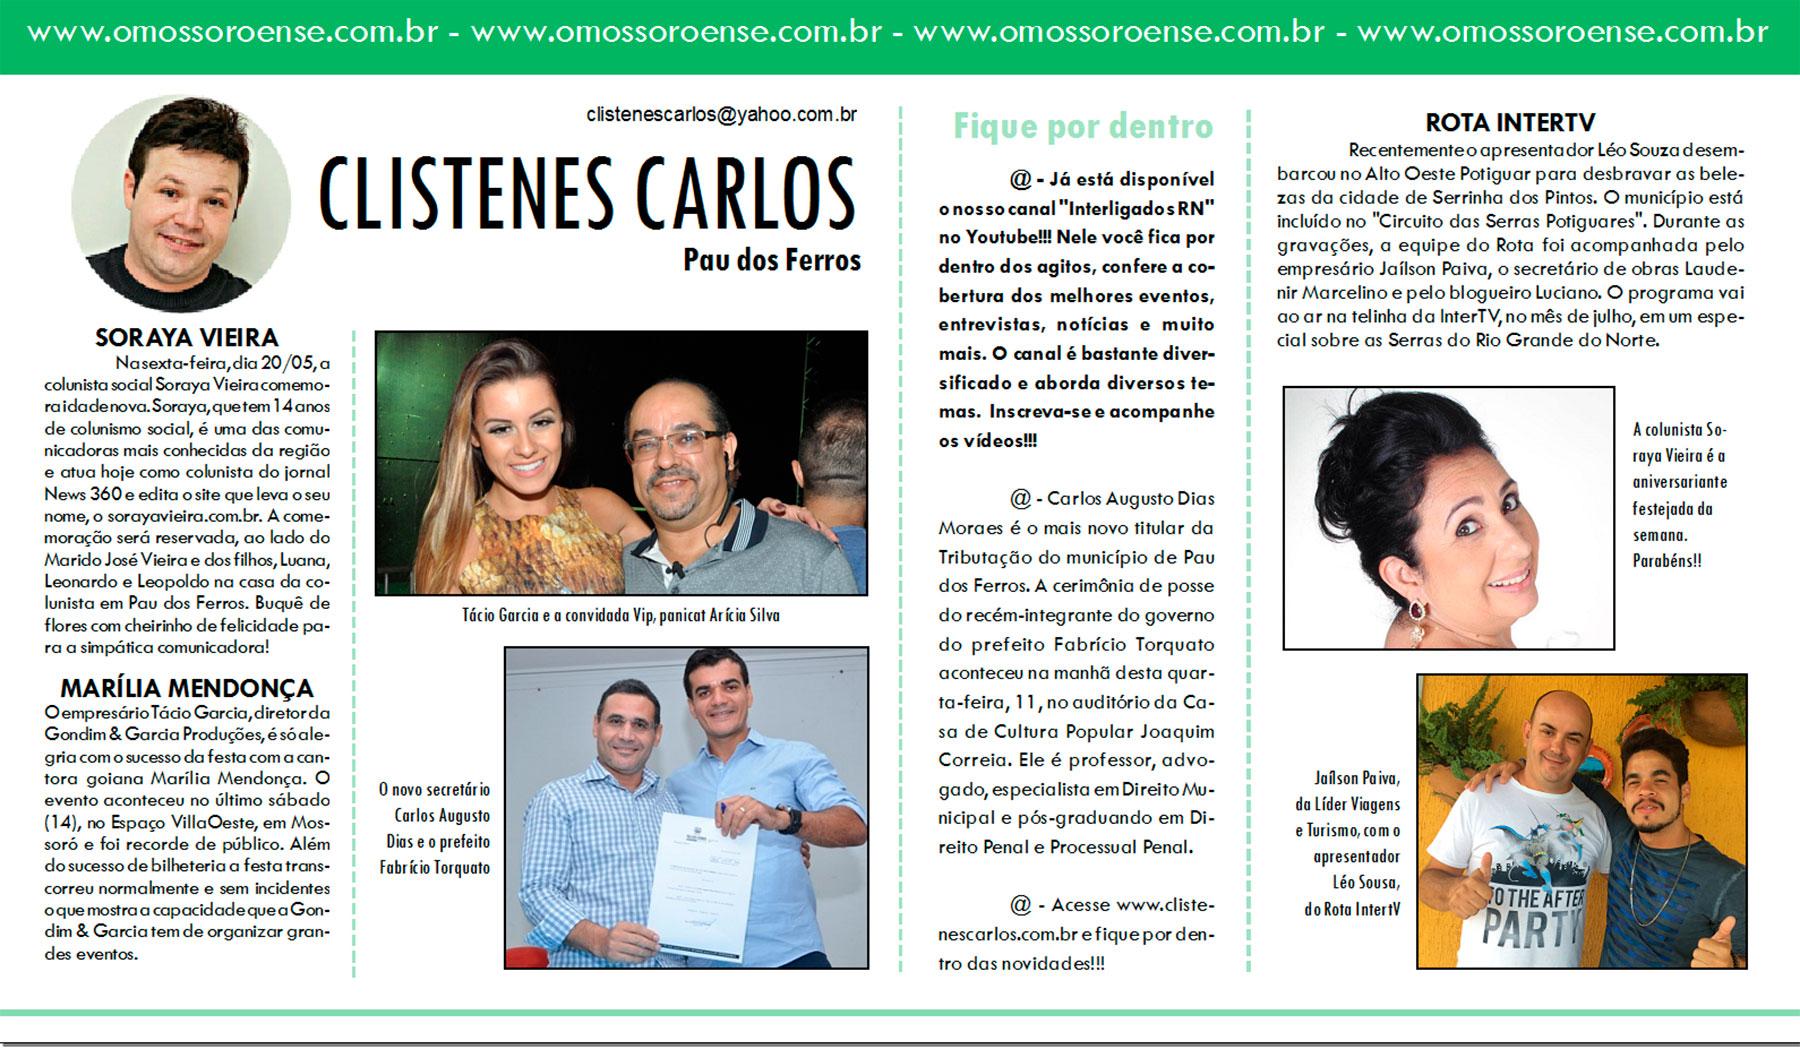 CLISTENES-CARLOS-19-05-2016